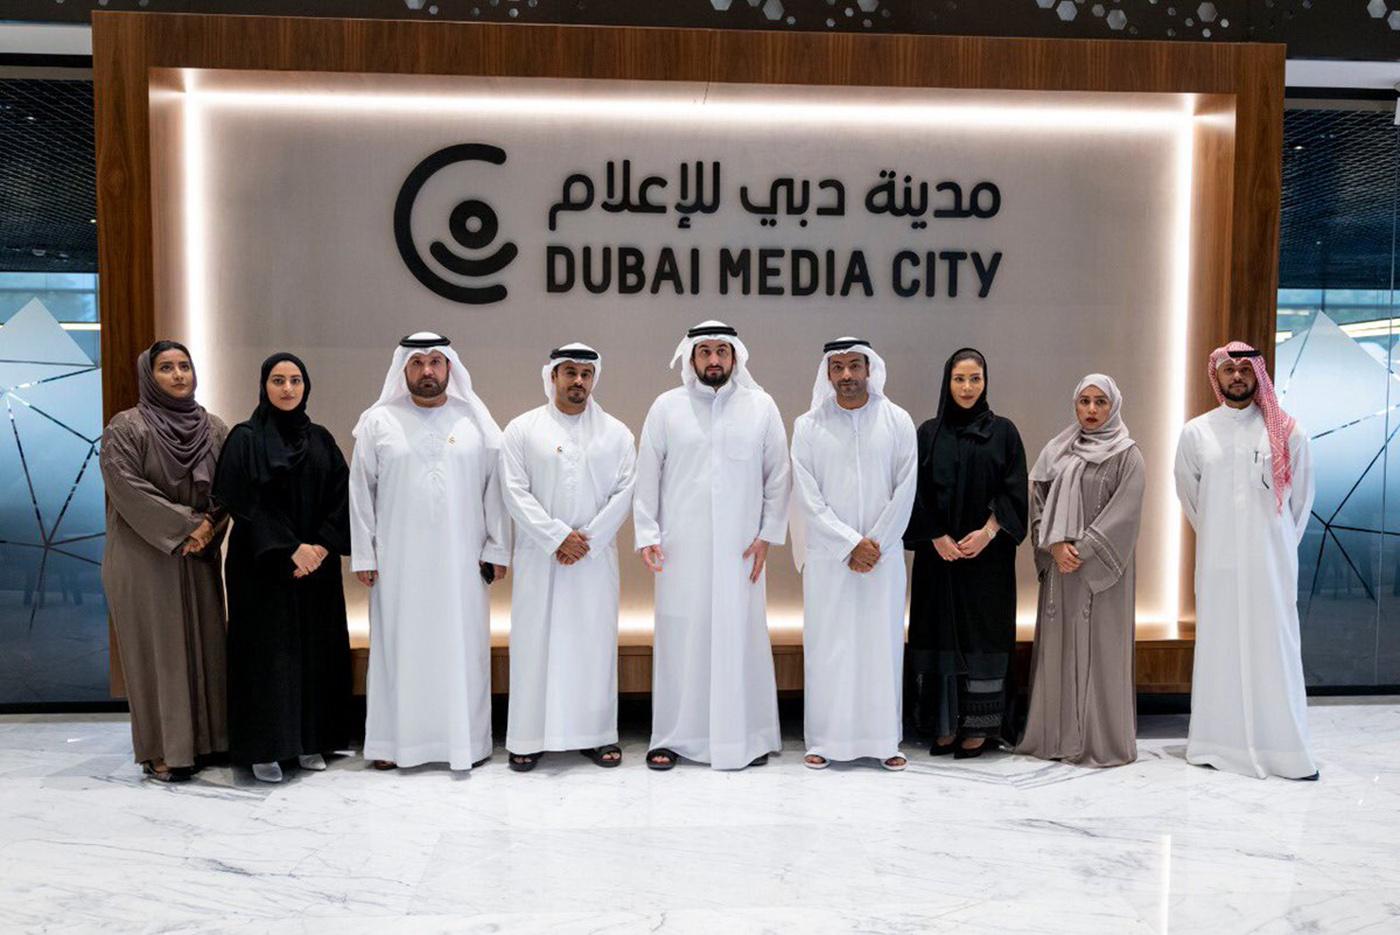 أحمد بن محمد: الإعلام ركيزة اقتصاد المستقبل في دبي